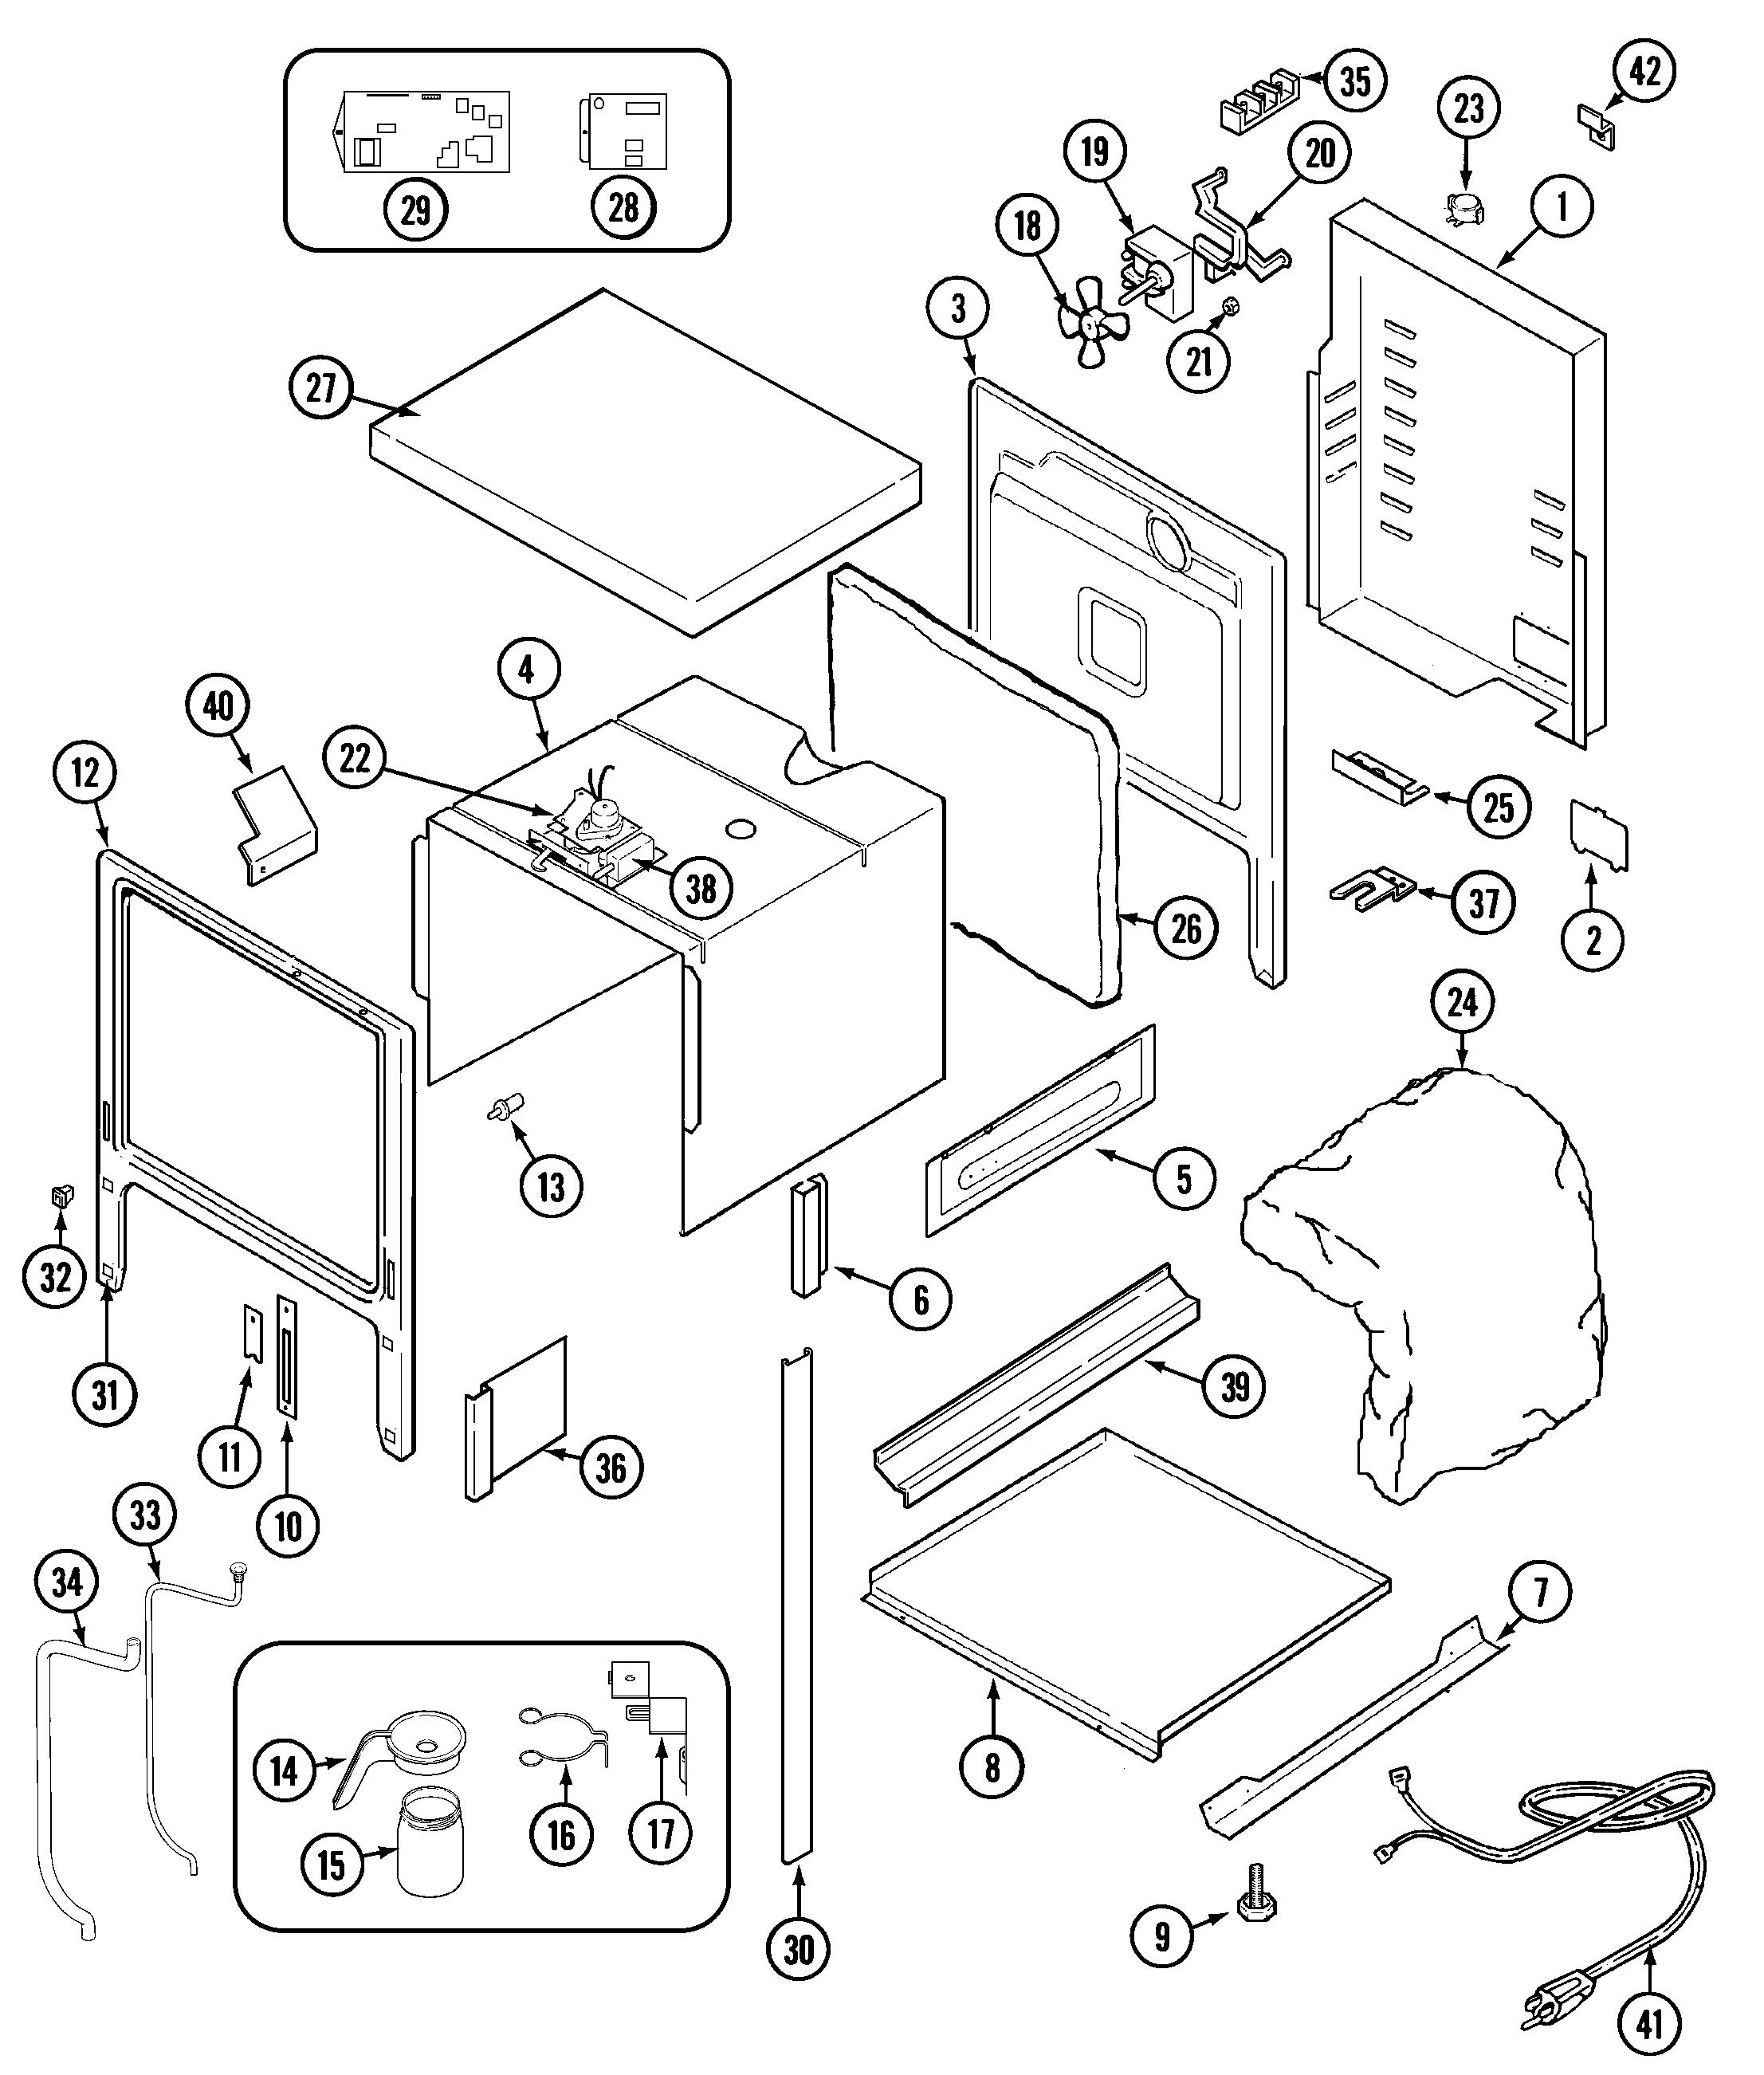 jenn air 8114p732 60 manual